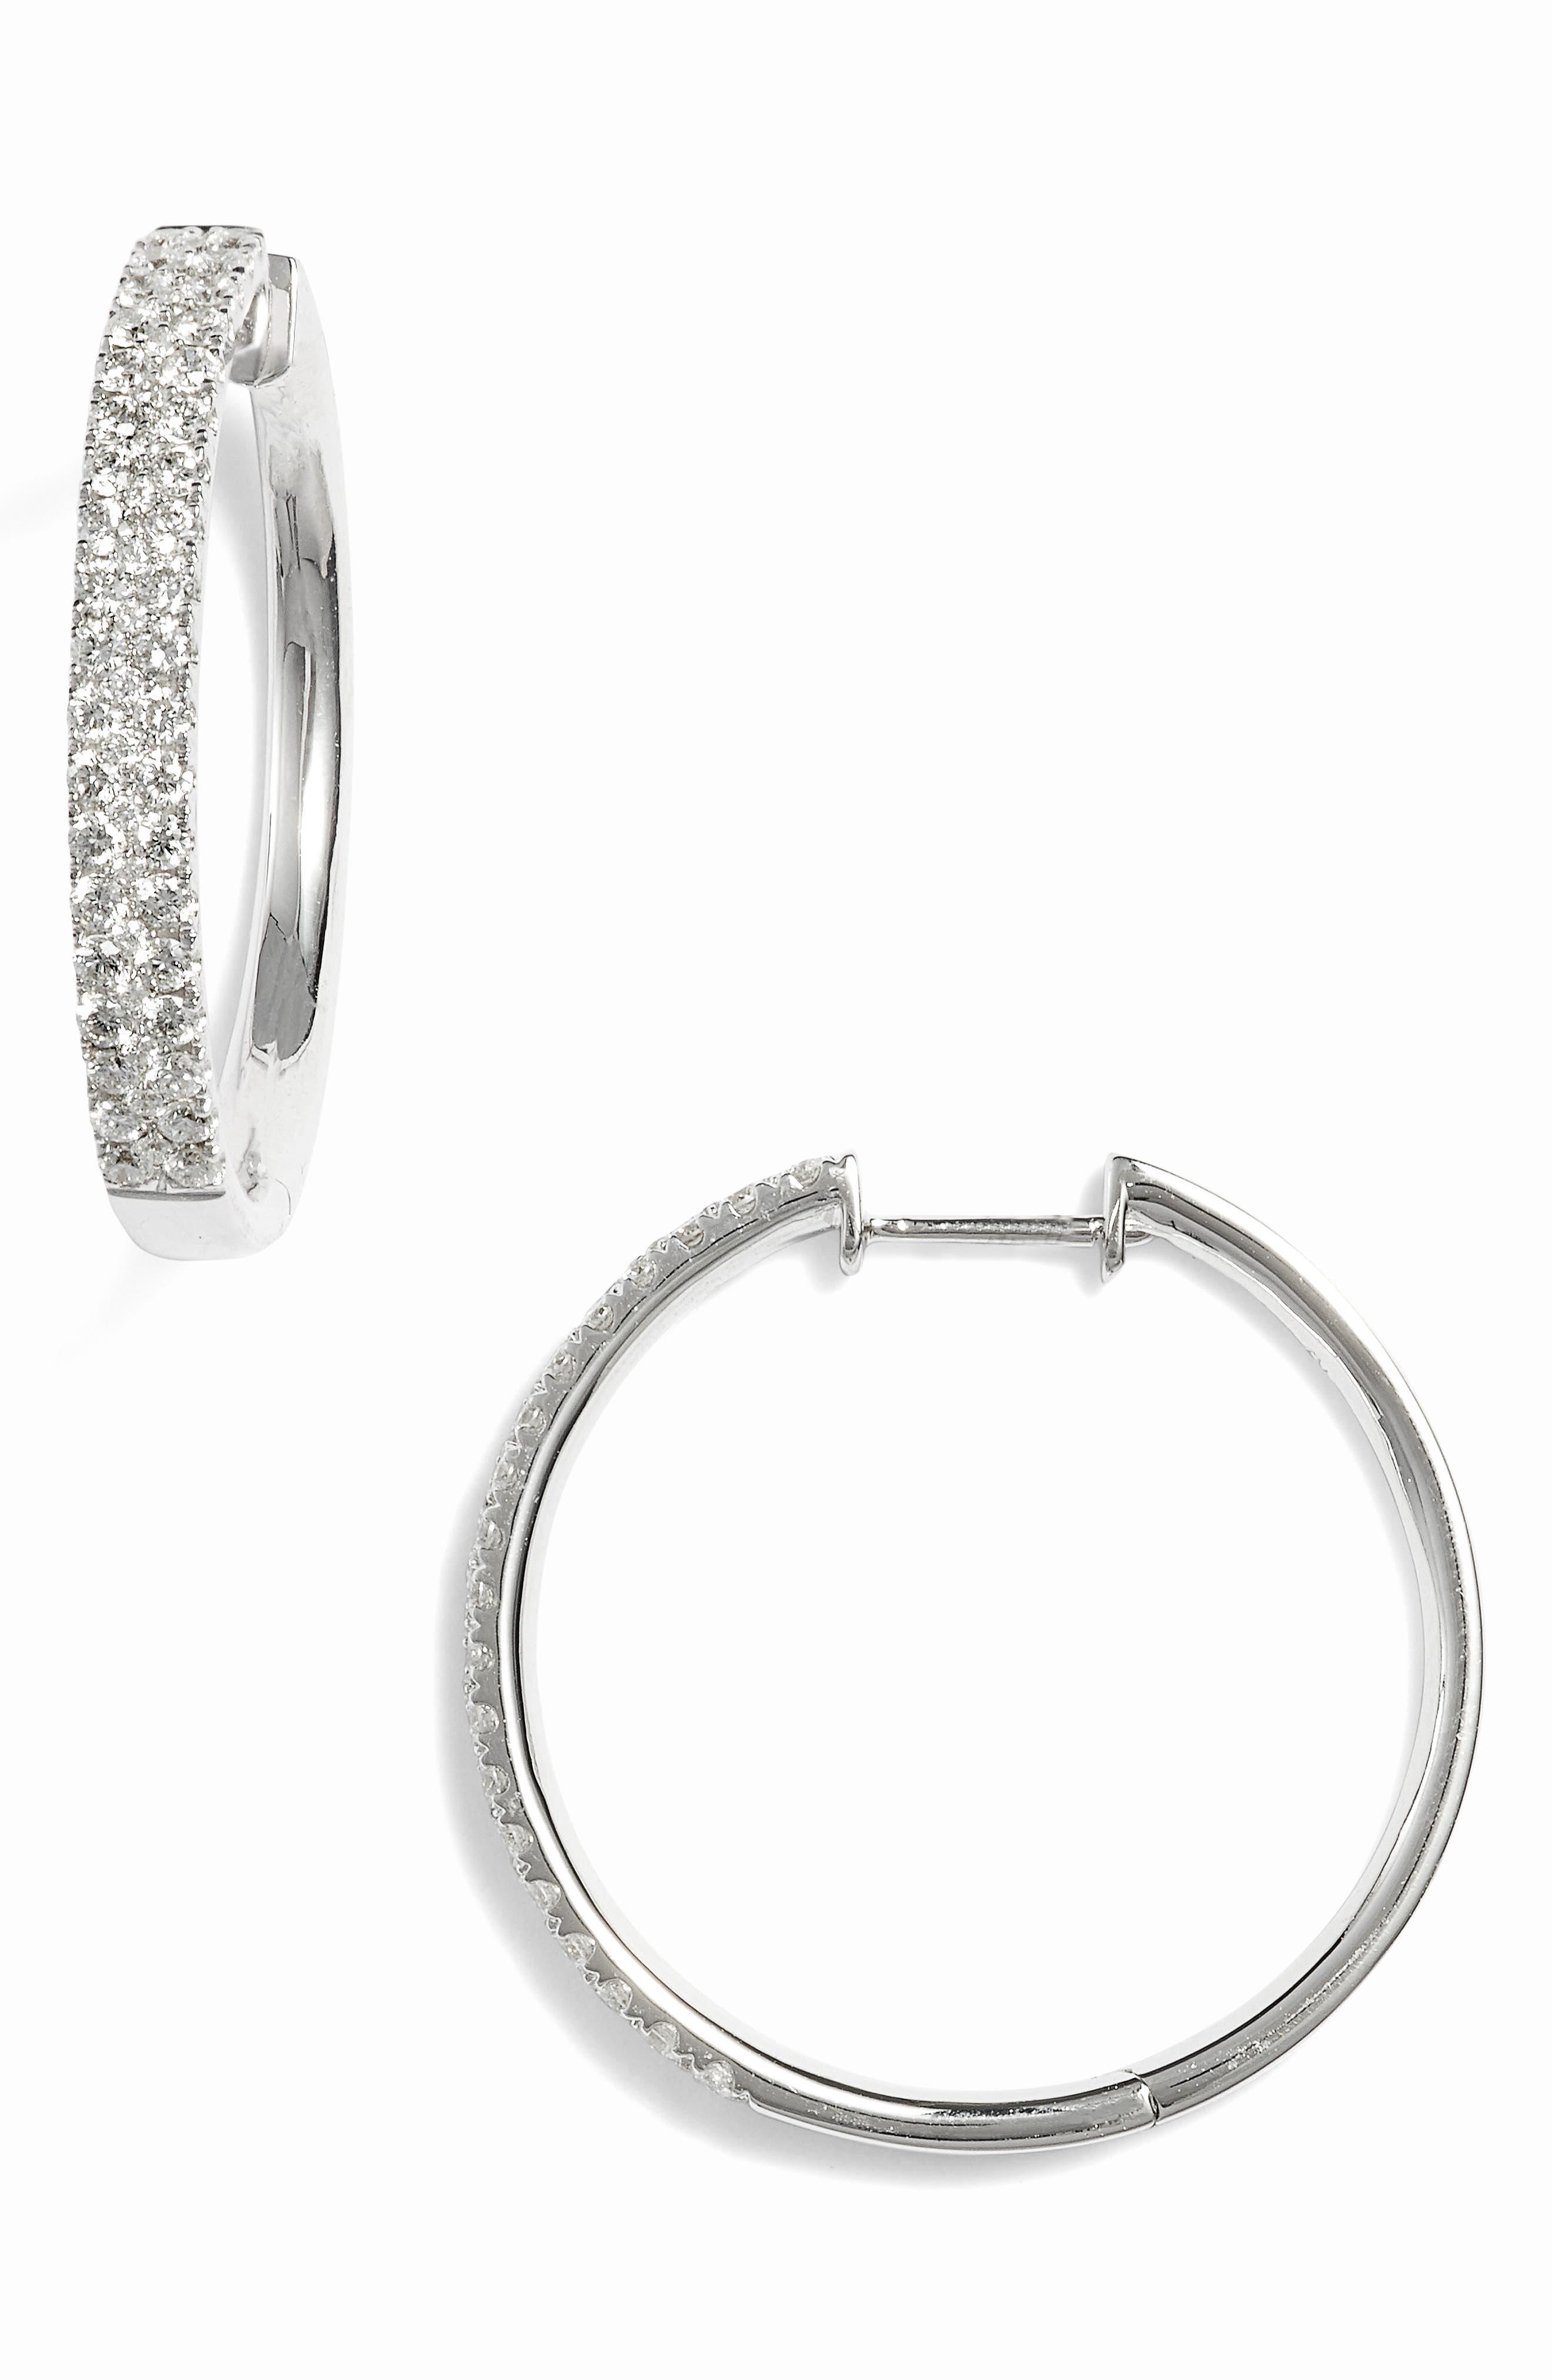 Main Image - Bony Levy Kiera Medium Diamond Hoop Earrings (Nordstrom Exclusive)